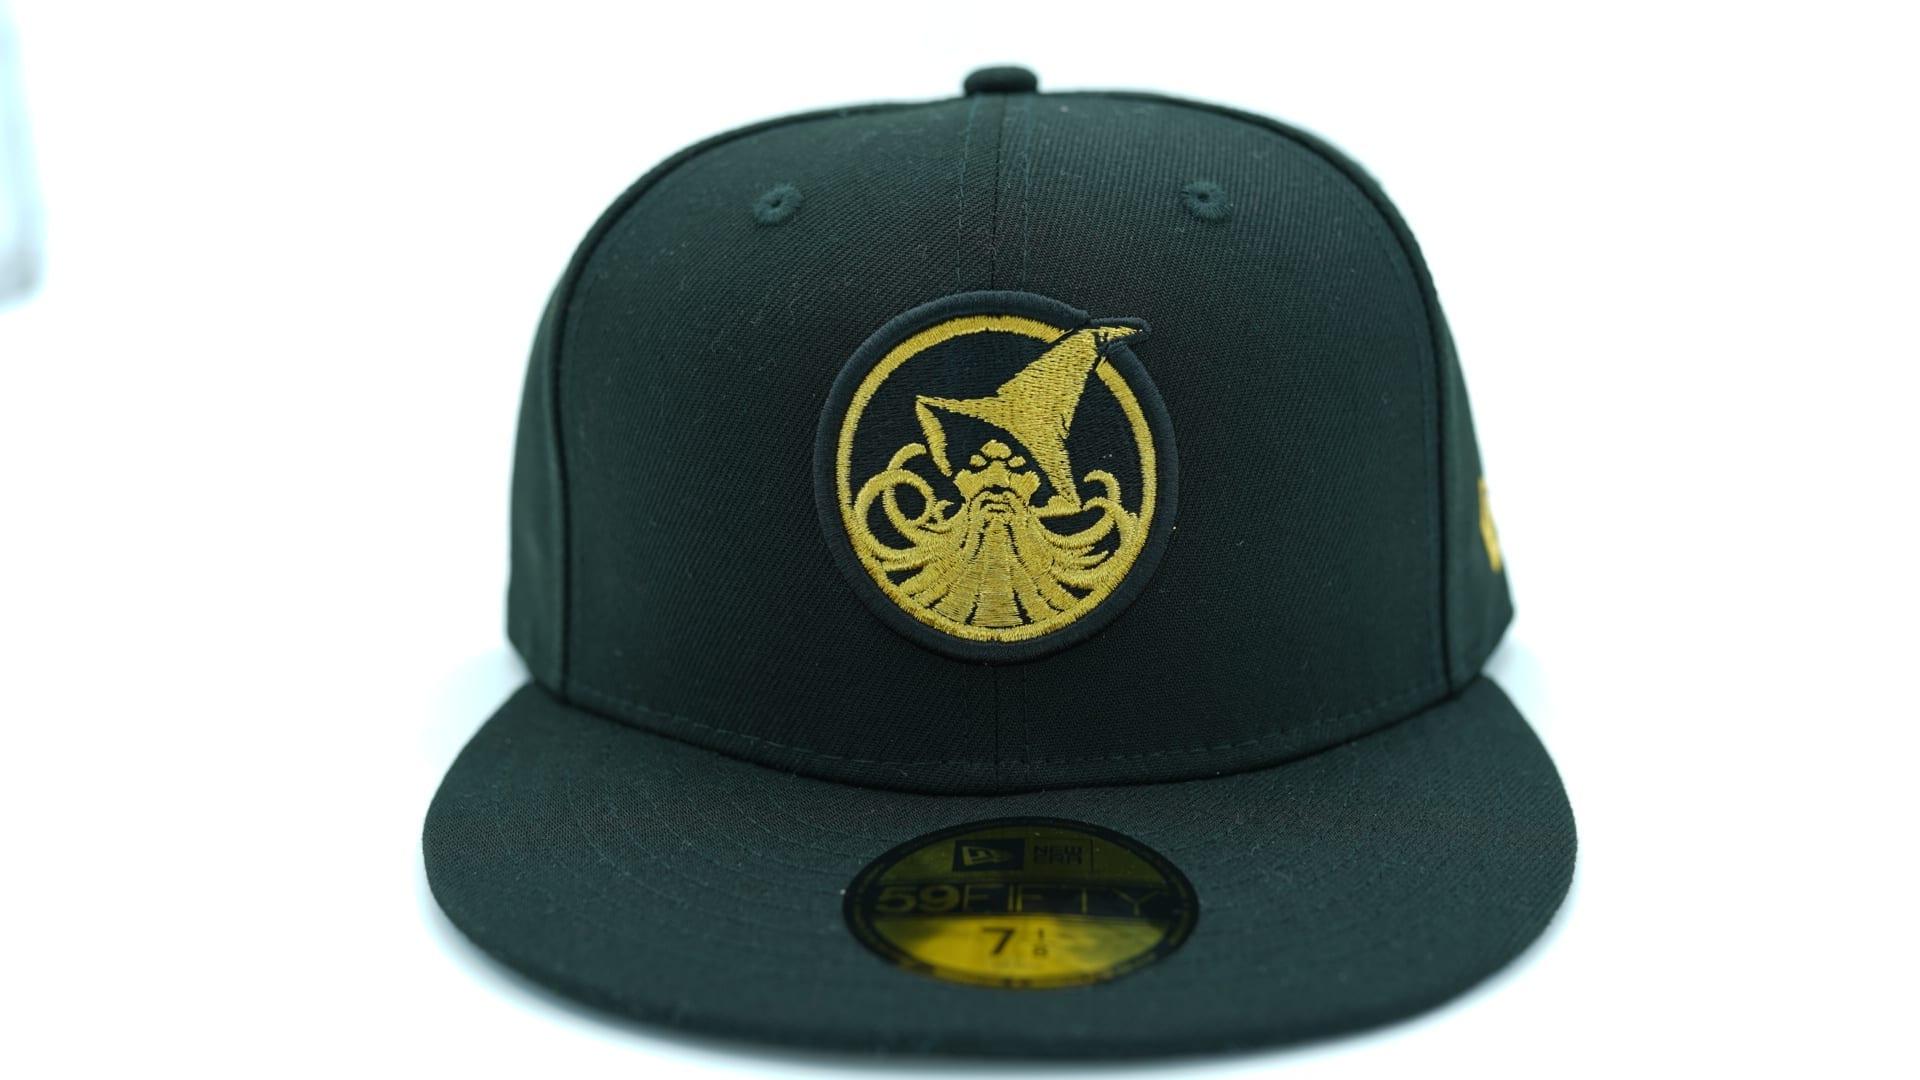 Diablos Rojos Del Mexico Logo Black 59fifty Fitted Cap by NEW ERA x LMB